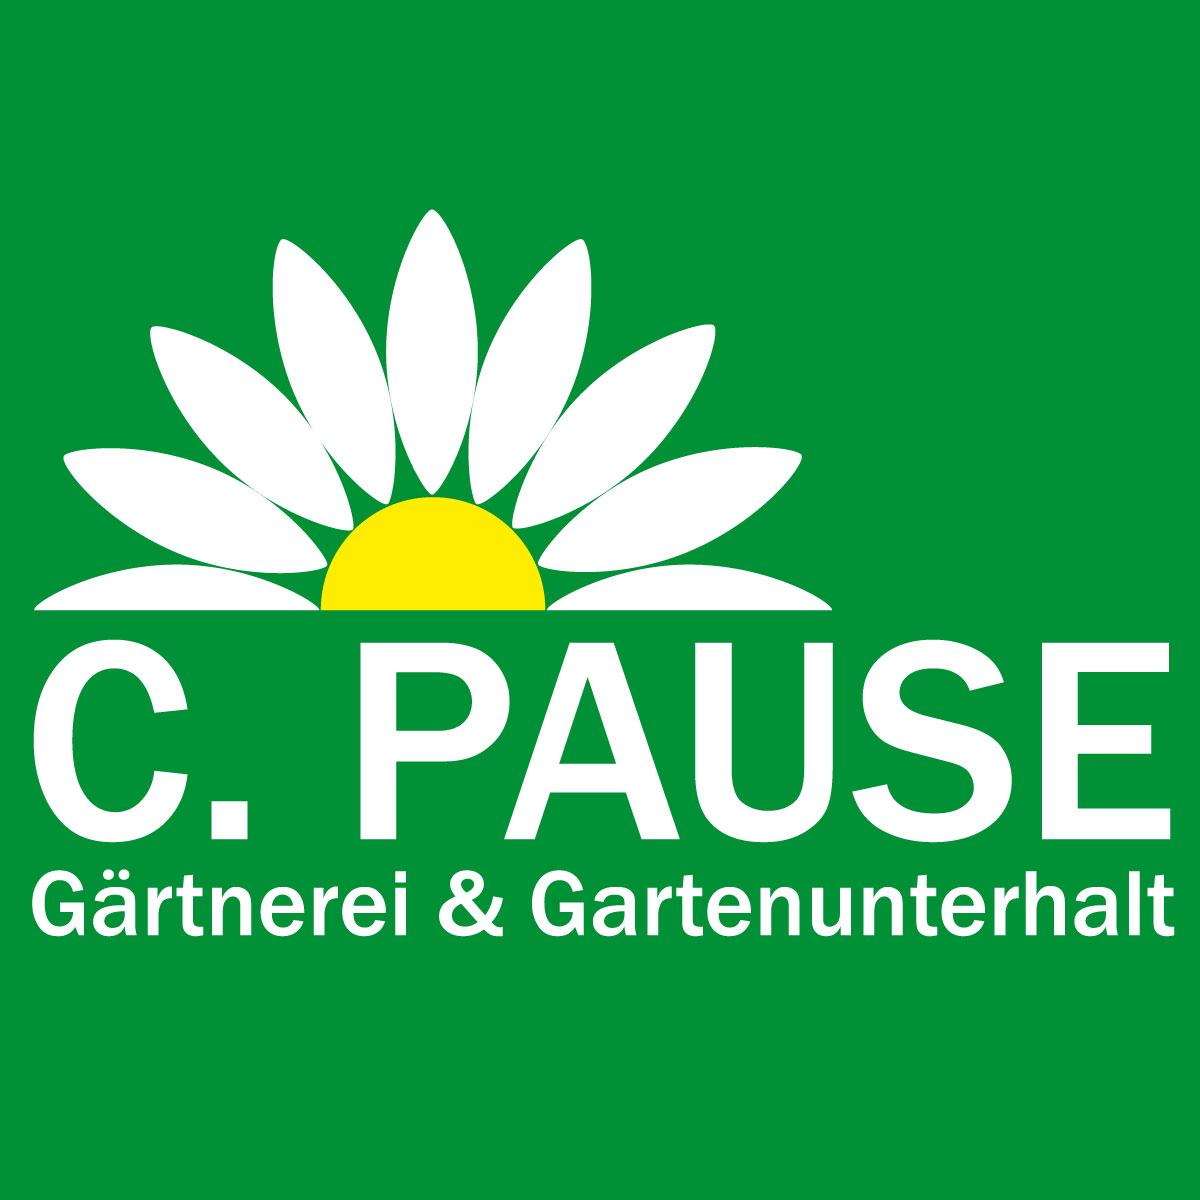 C. Pause – Gärtnerei und Gartenunterhalt